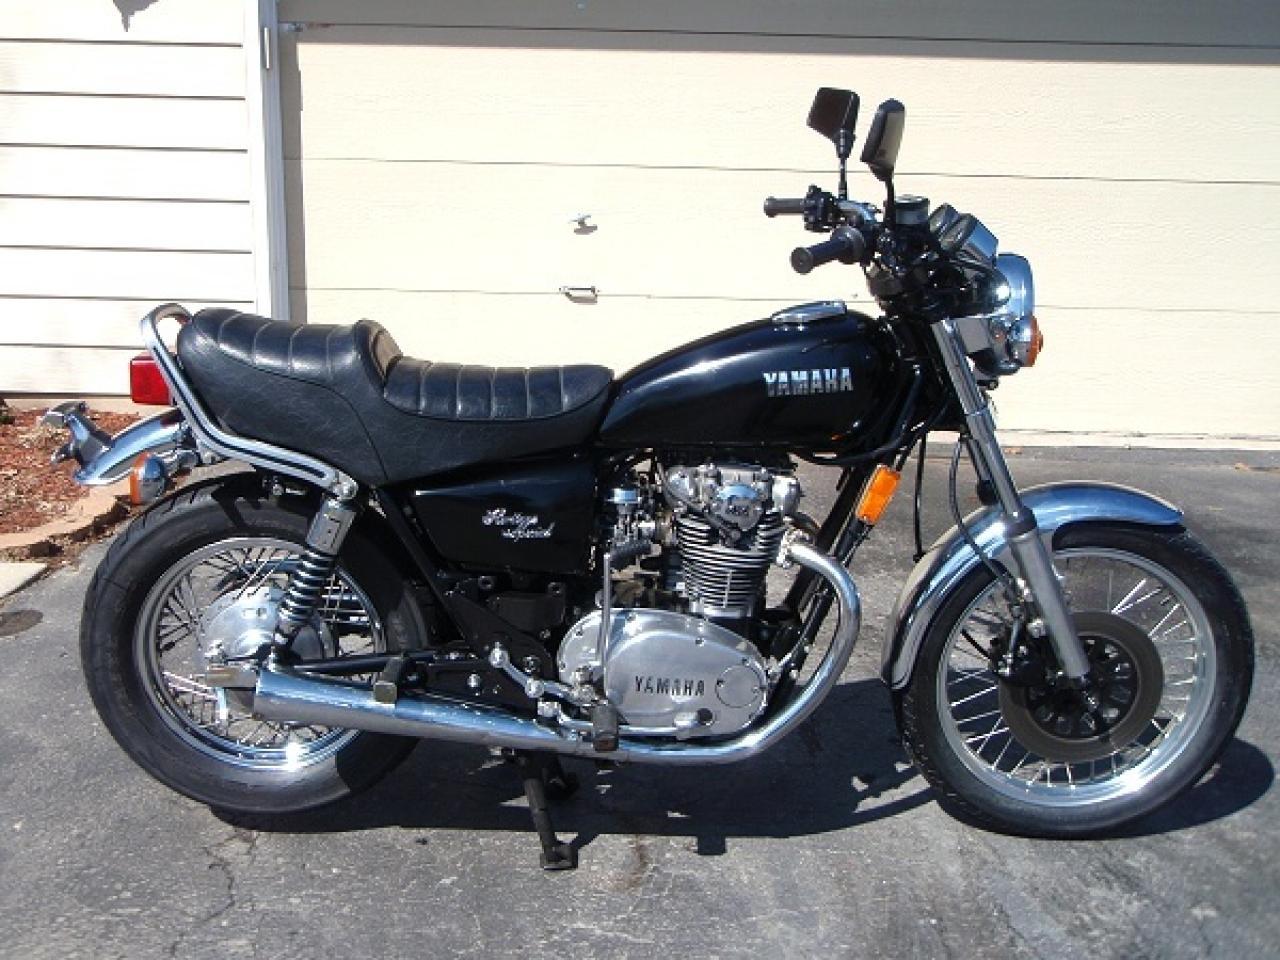 1983 Yamaha Midnight Maxim 750